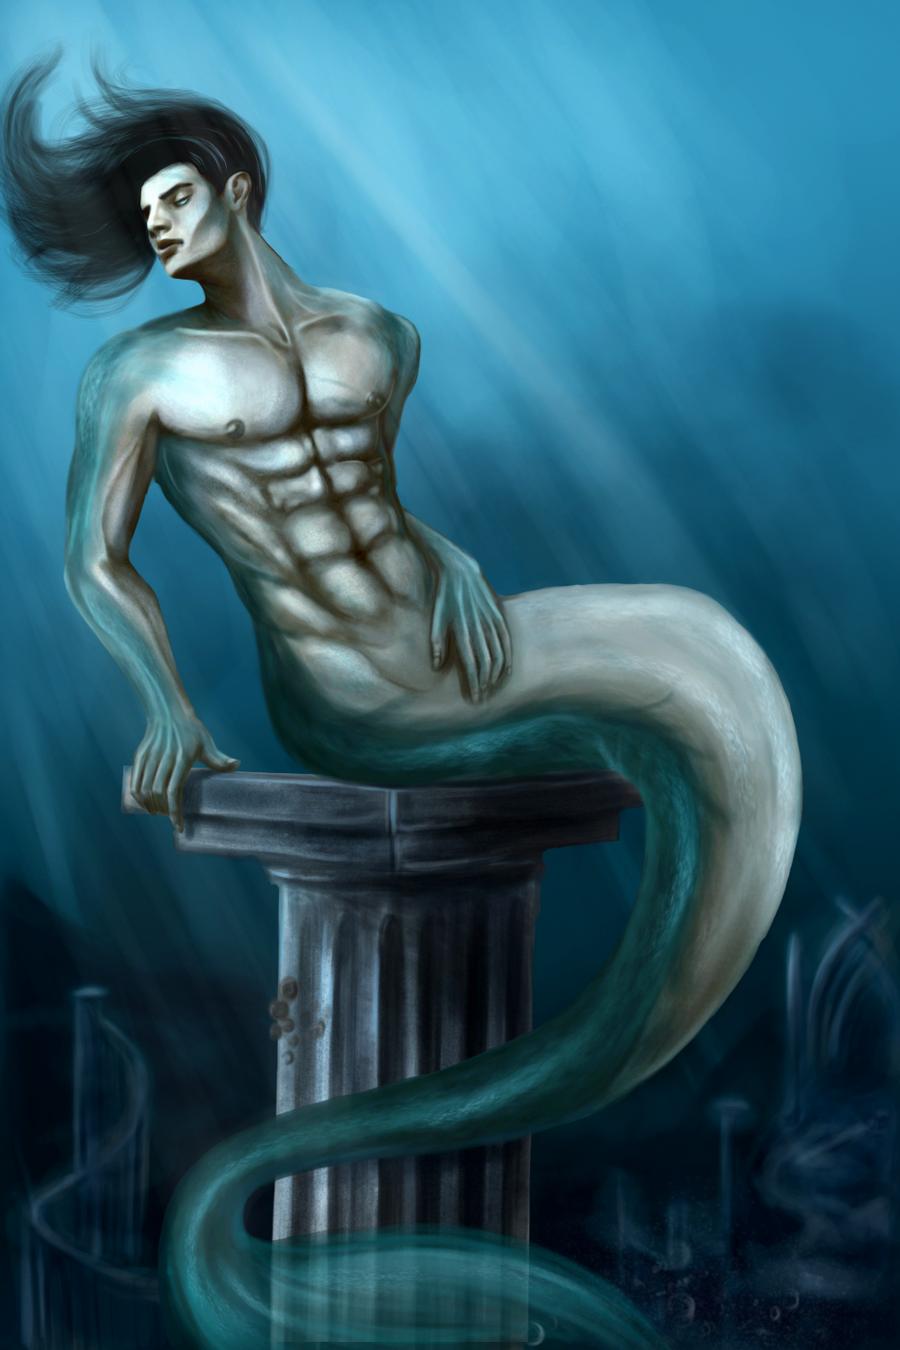 merman art Gallery